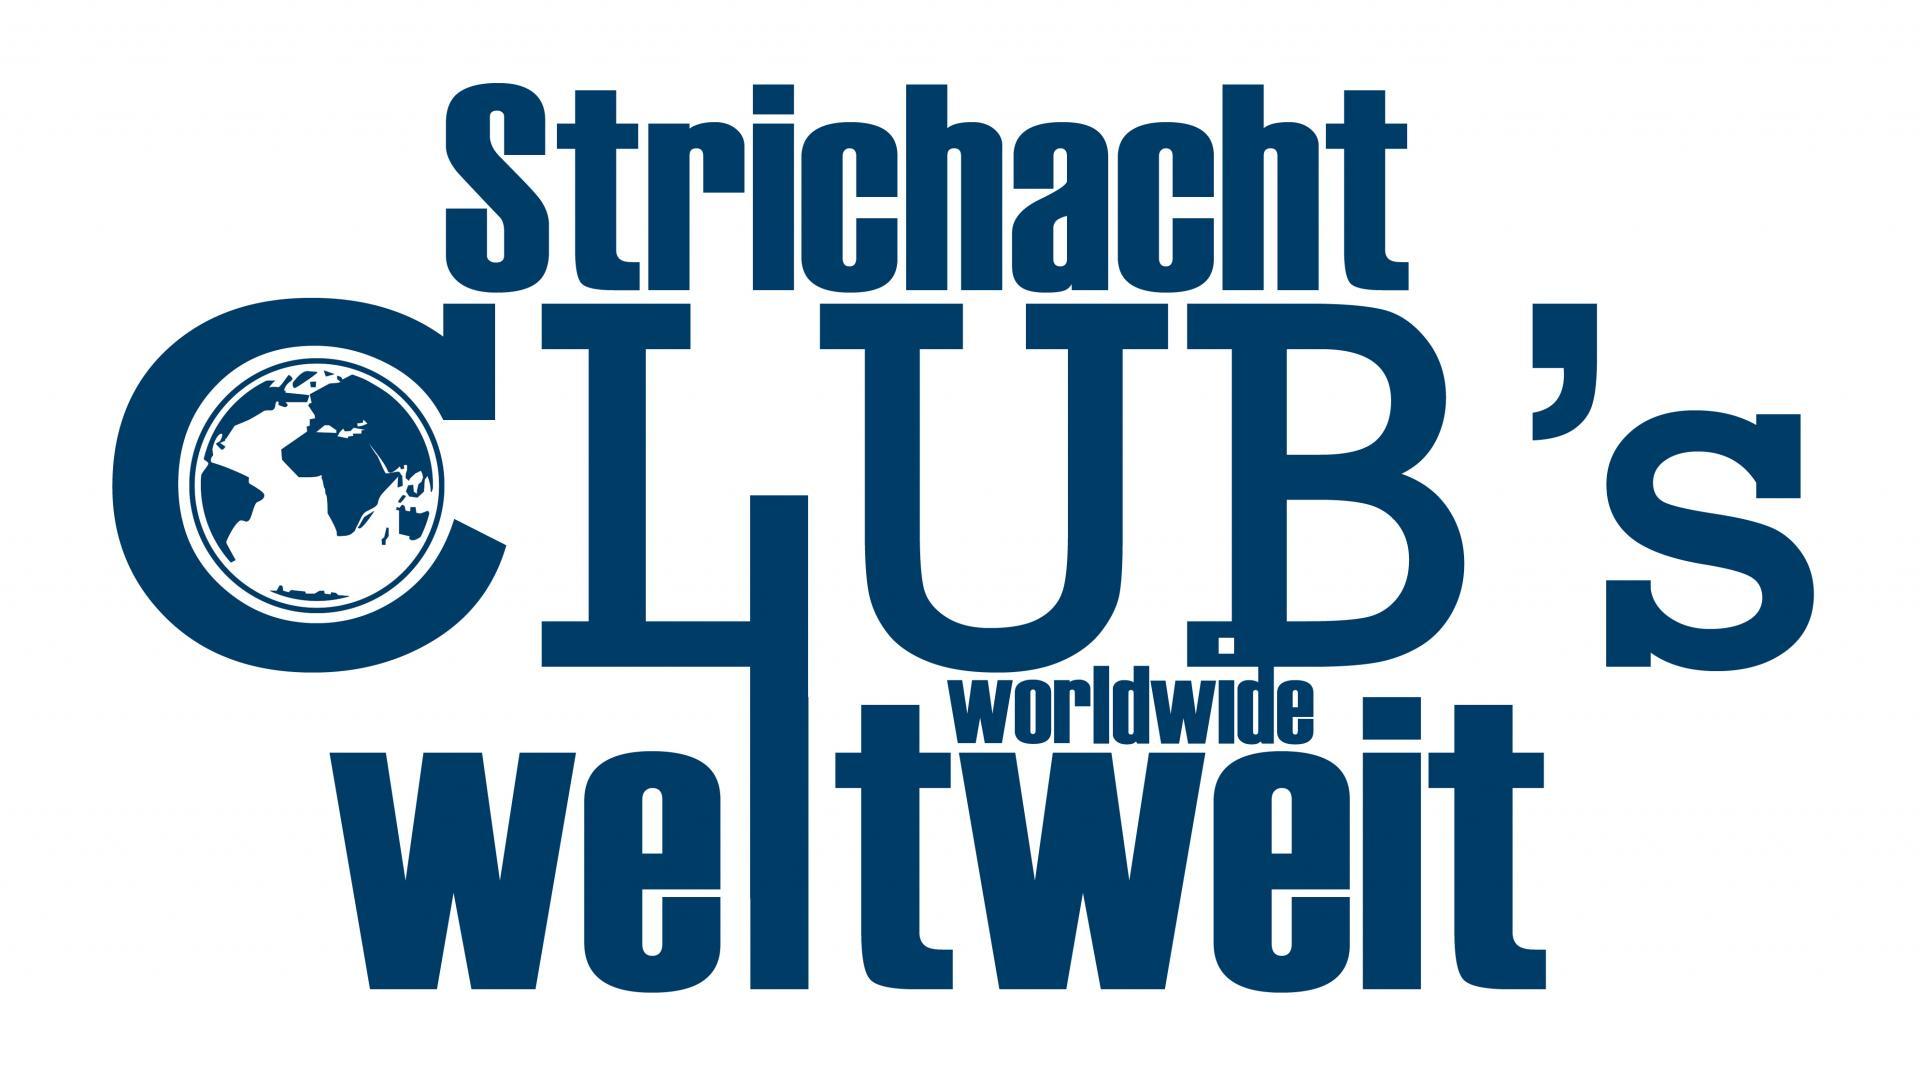 Weltweit Logo2